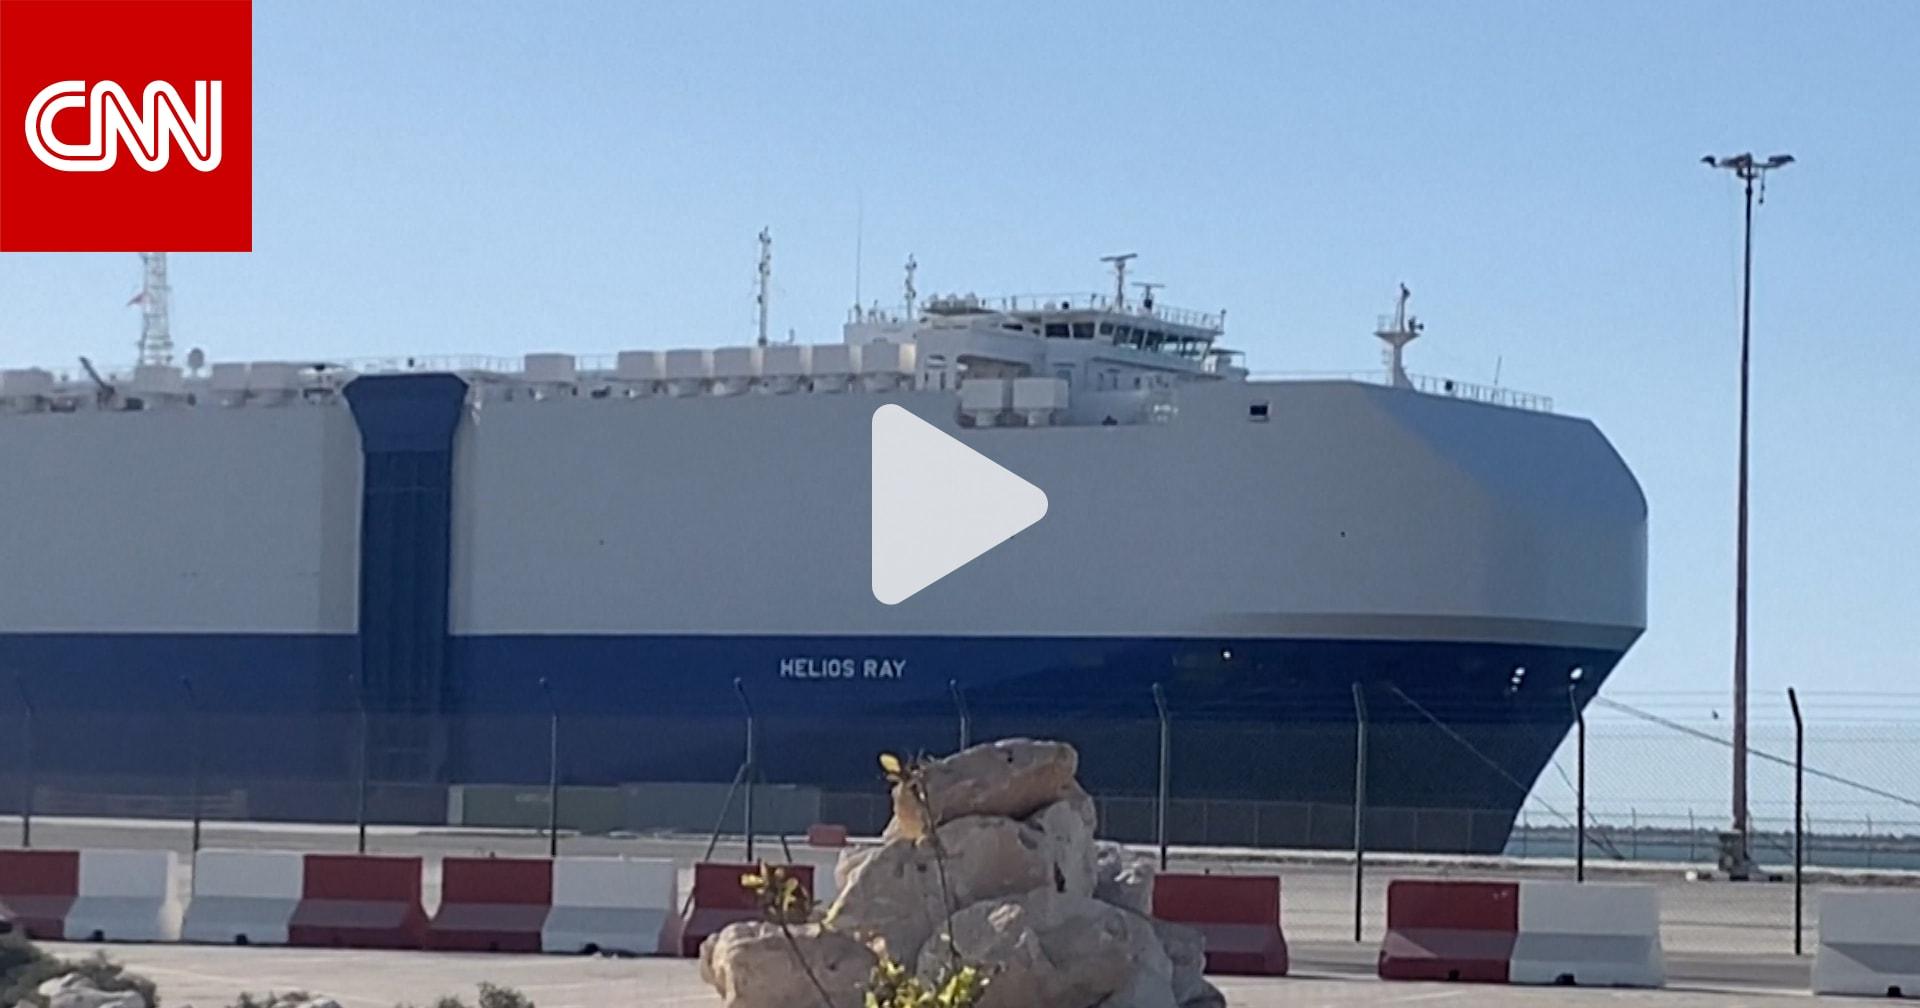 سفينة إسرائيلية ترسو في دبي بعد تعرضها لانفجار في خليج عُمان.. ونتنياهو يتهم إيران